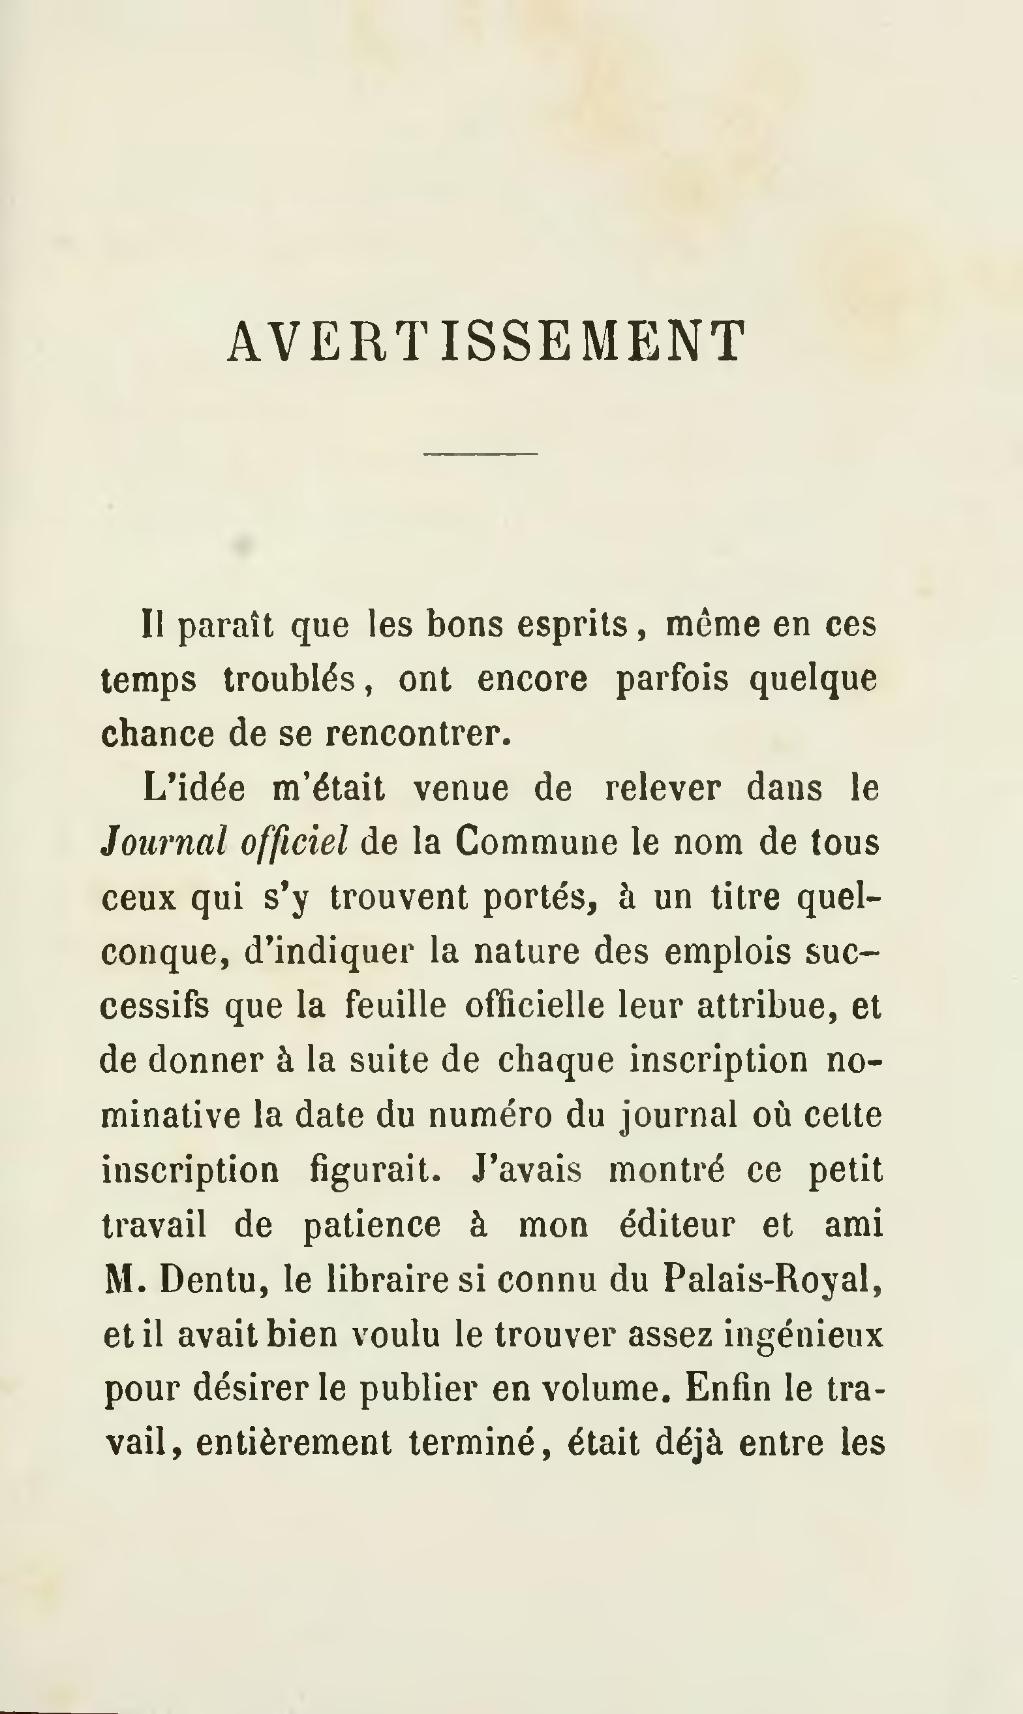 Page Le Livre Rouge De La Commune Extrait Du Journal